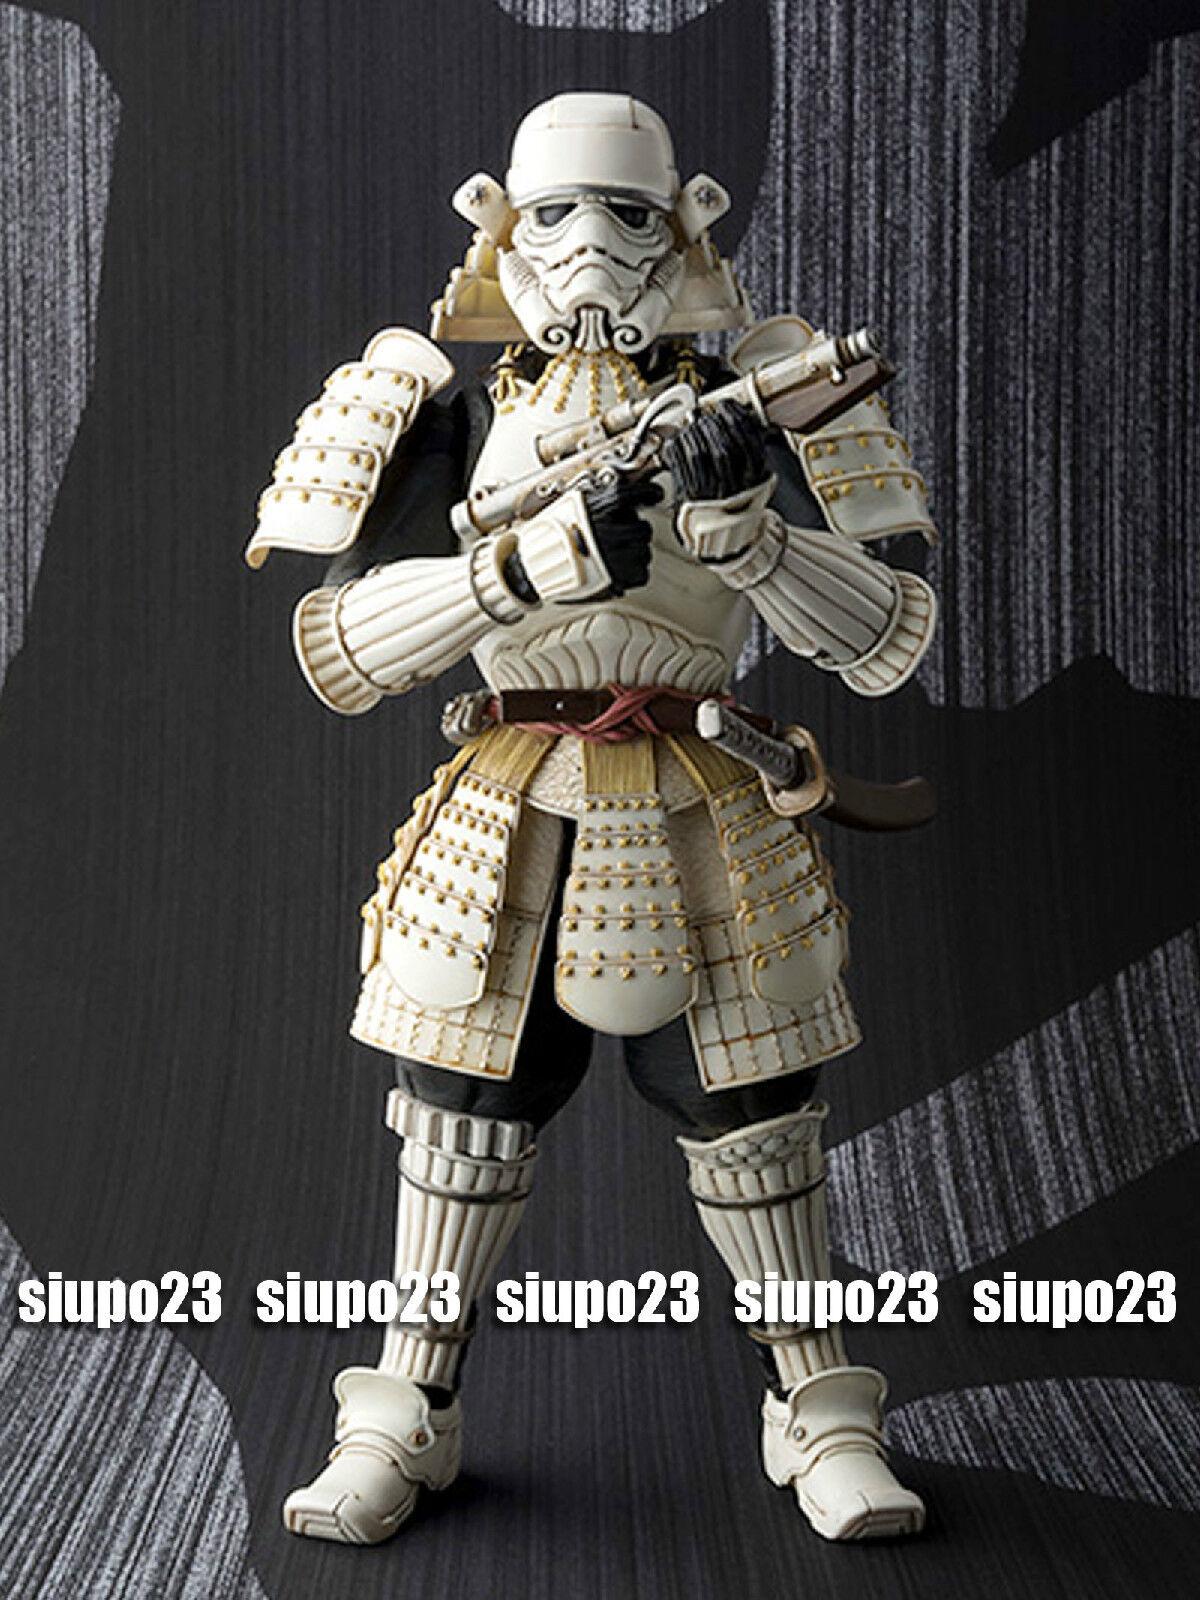 Bandai Mei Sho Movie Realization Star Wars Wars Wars Samurai General Stormtrooper Figure c32f1f